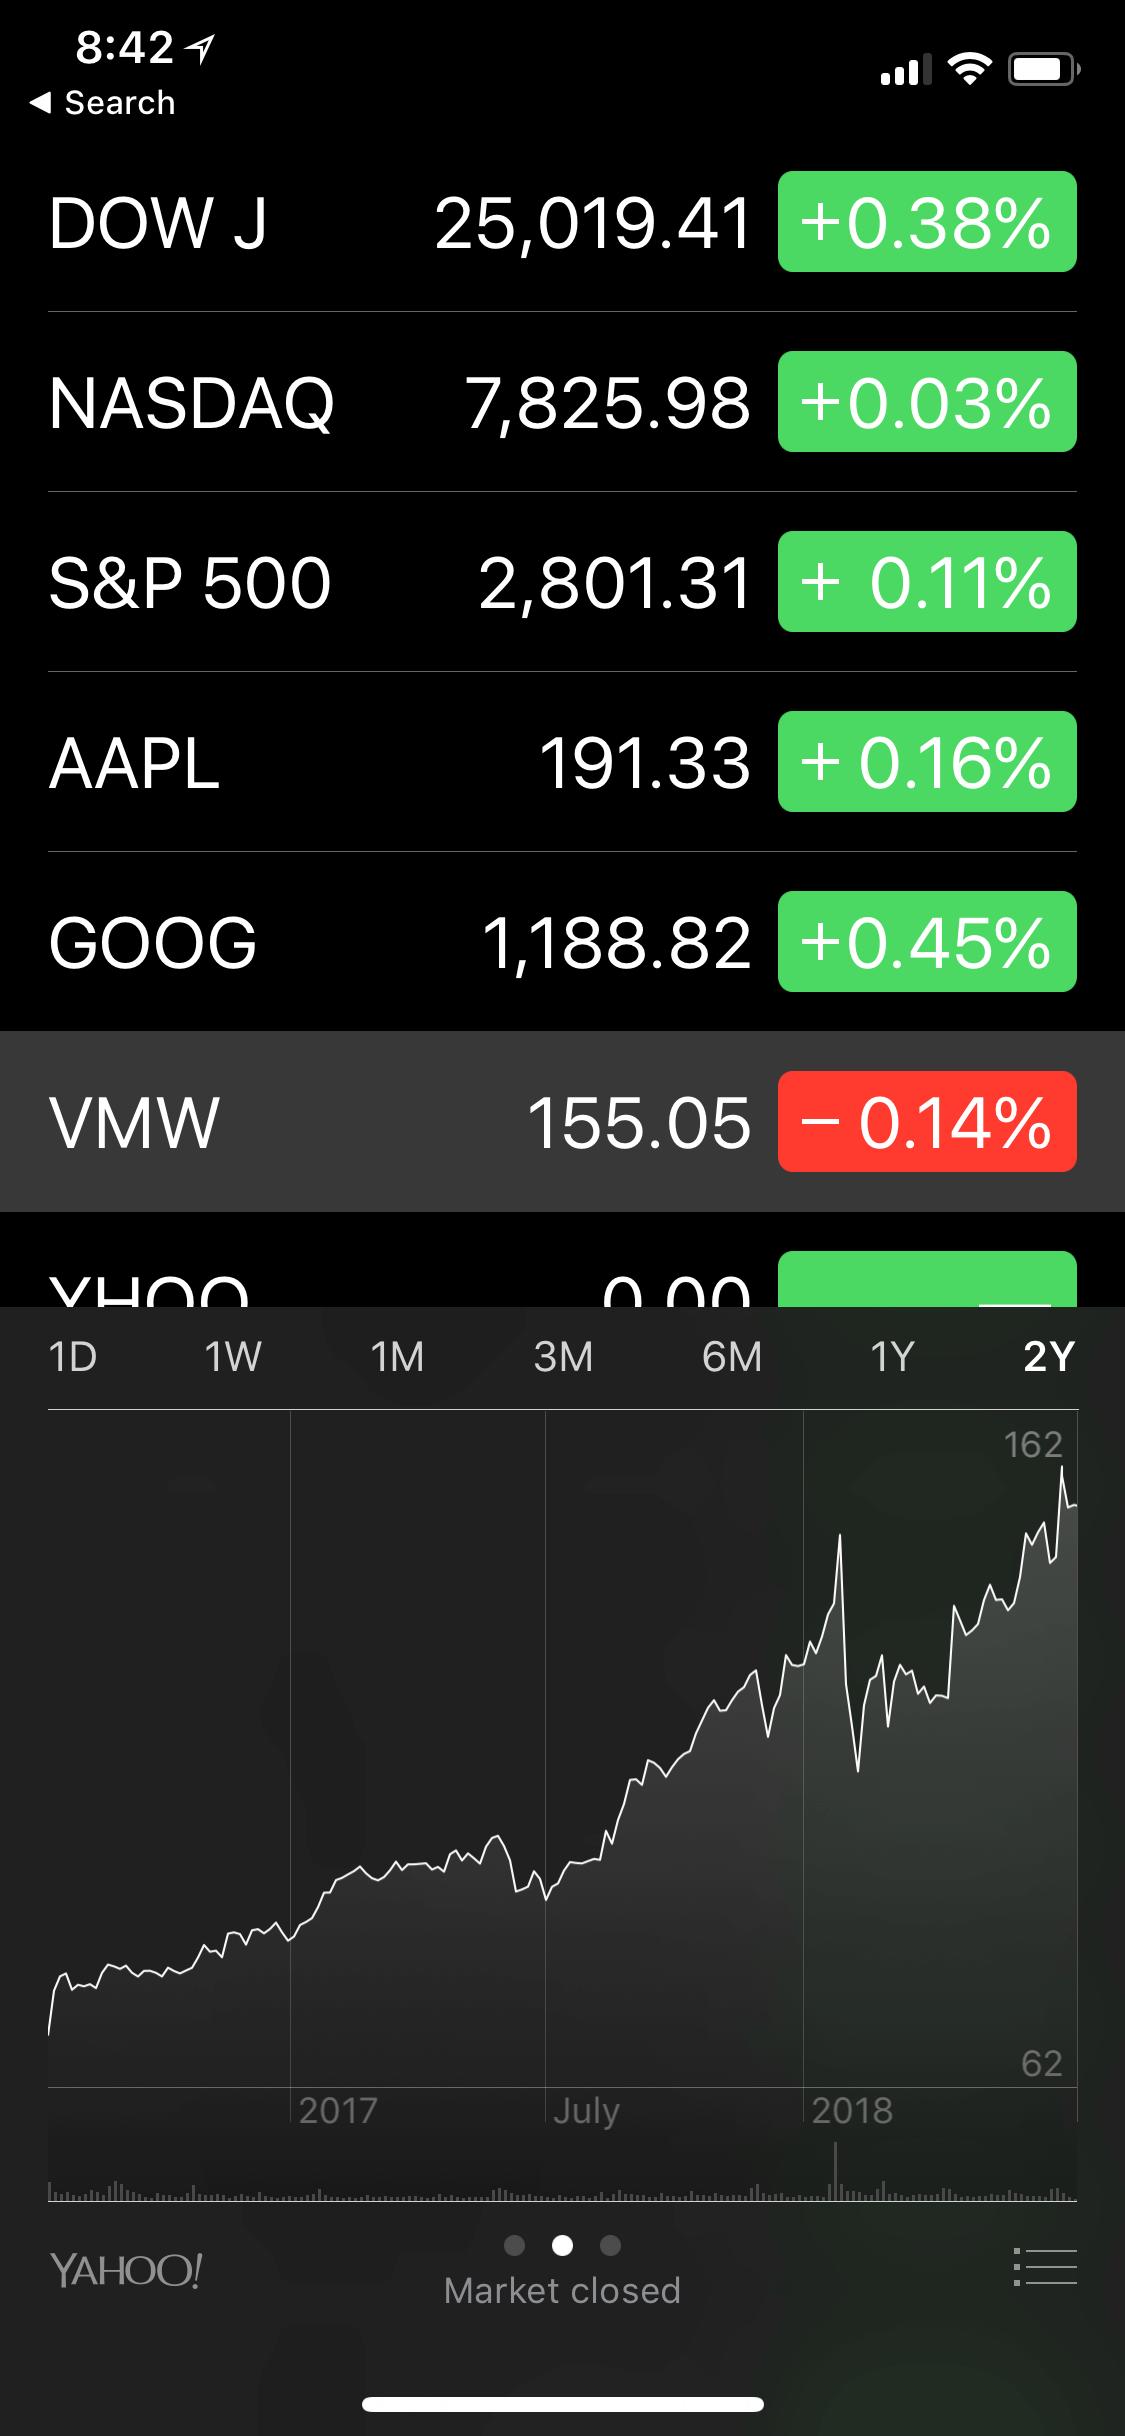 Слабые сигналы карусели: Приложение «Акции» для iPhone показало низкоконтрастные точки под каруселью